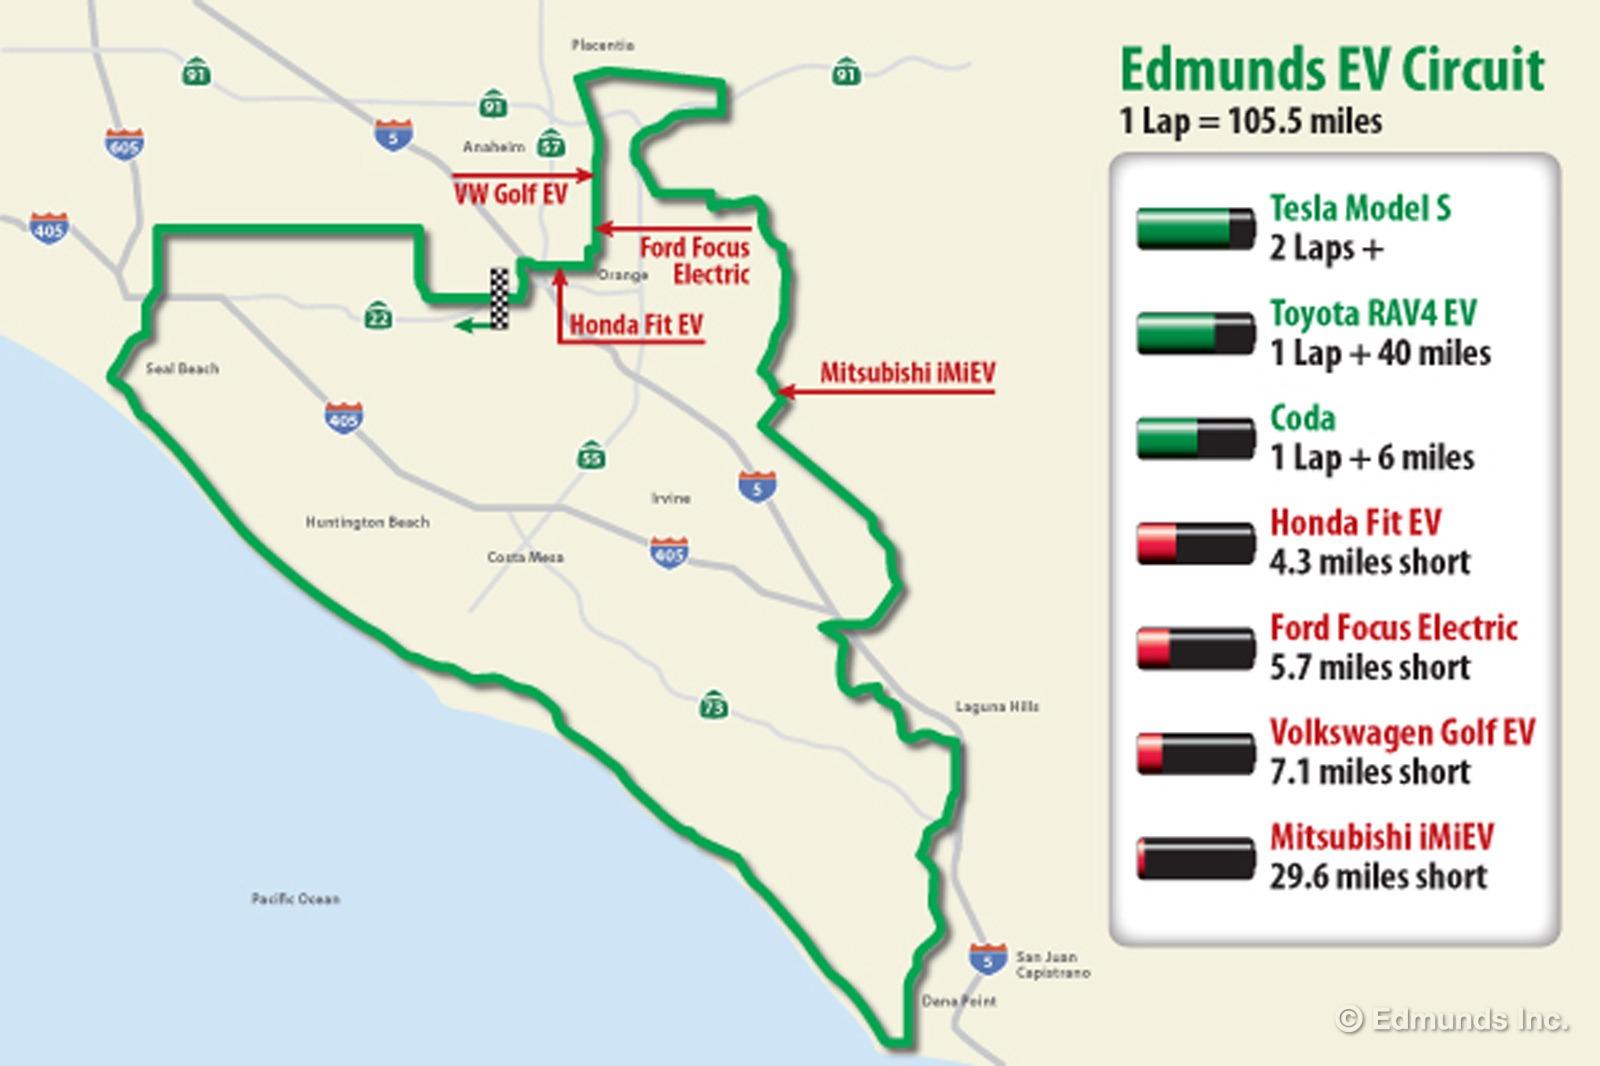 Edmunds.com One Lap of Orange County - EV Test Route